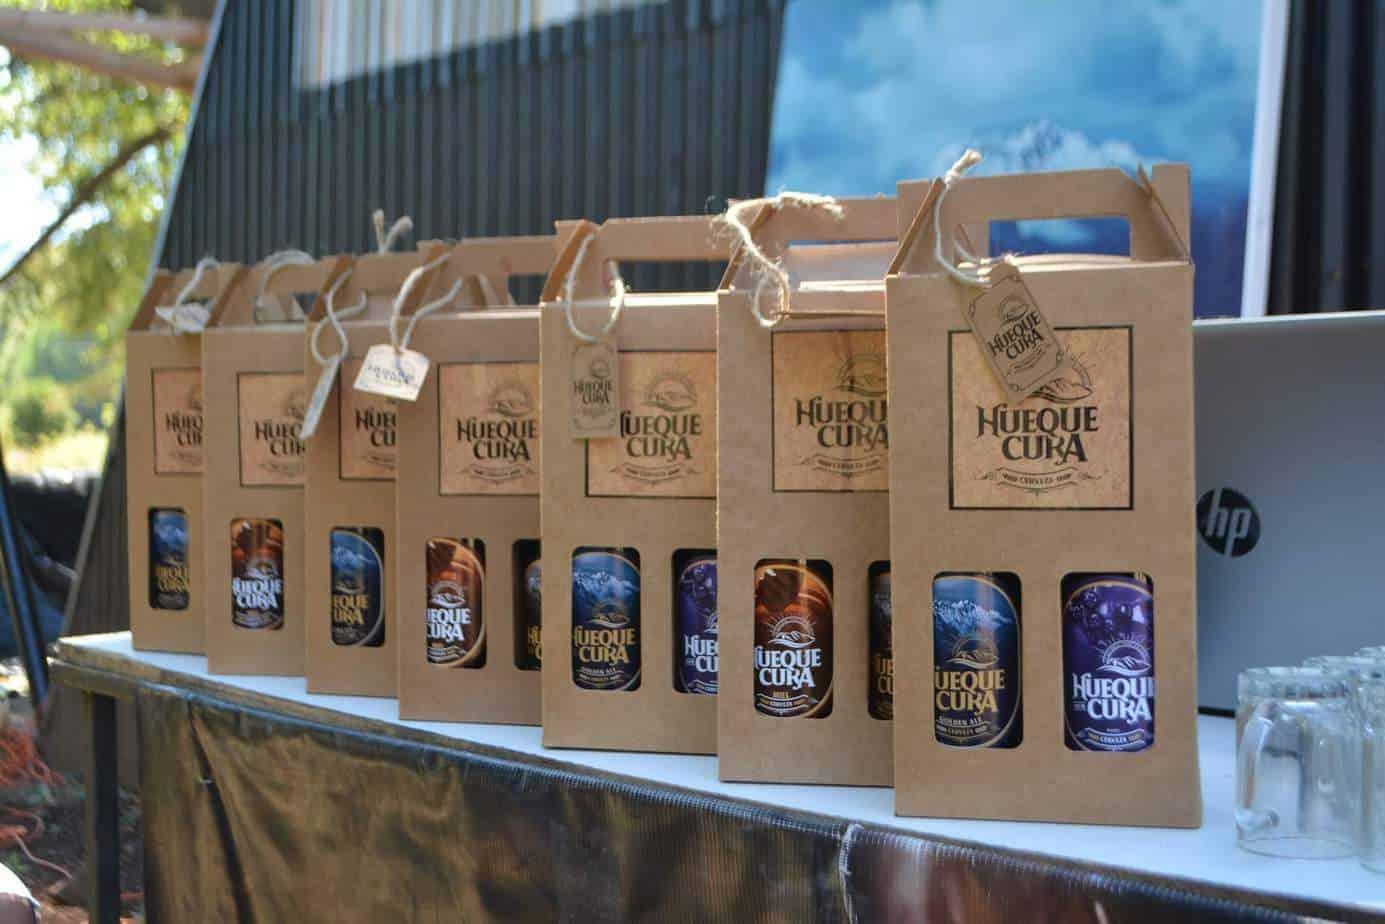 Cerveza Huequecura bate todos sus records: aumentó su producción en 1.100%